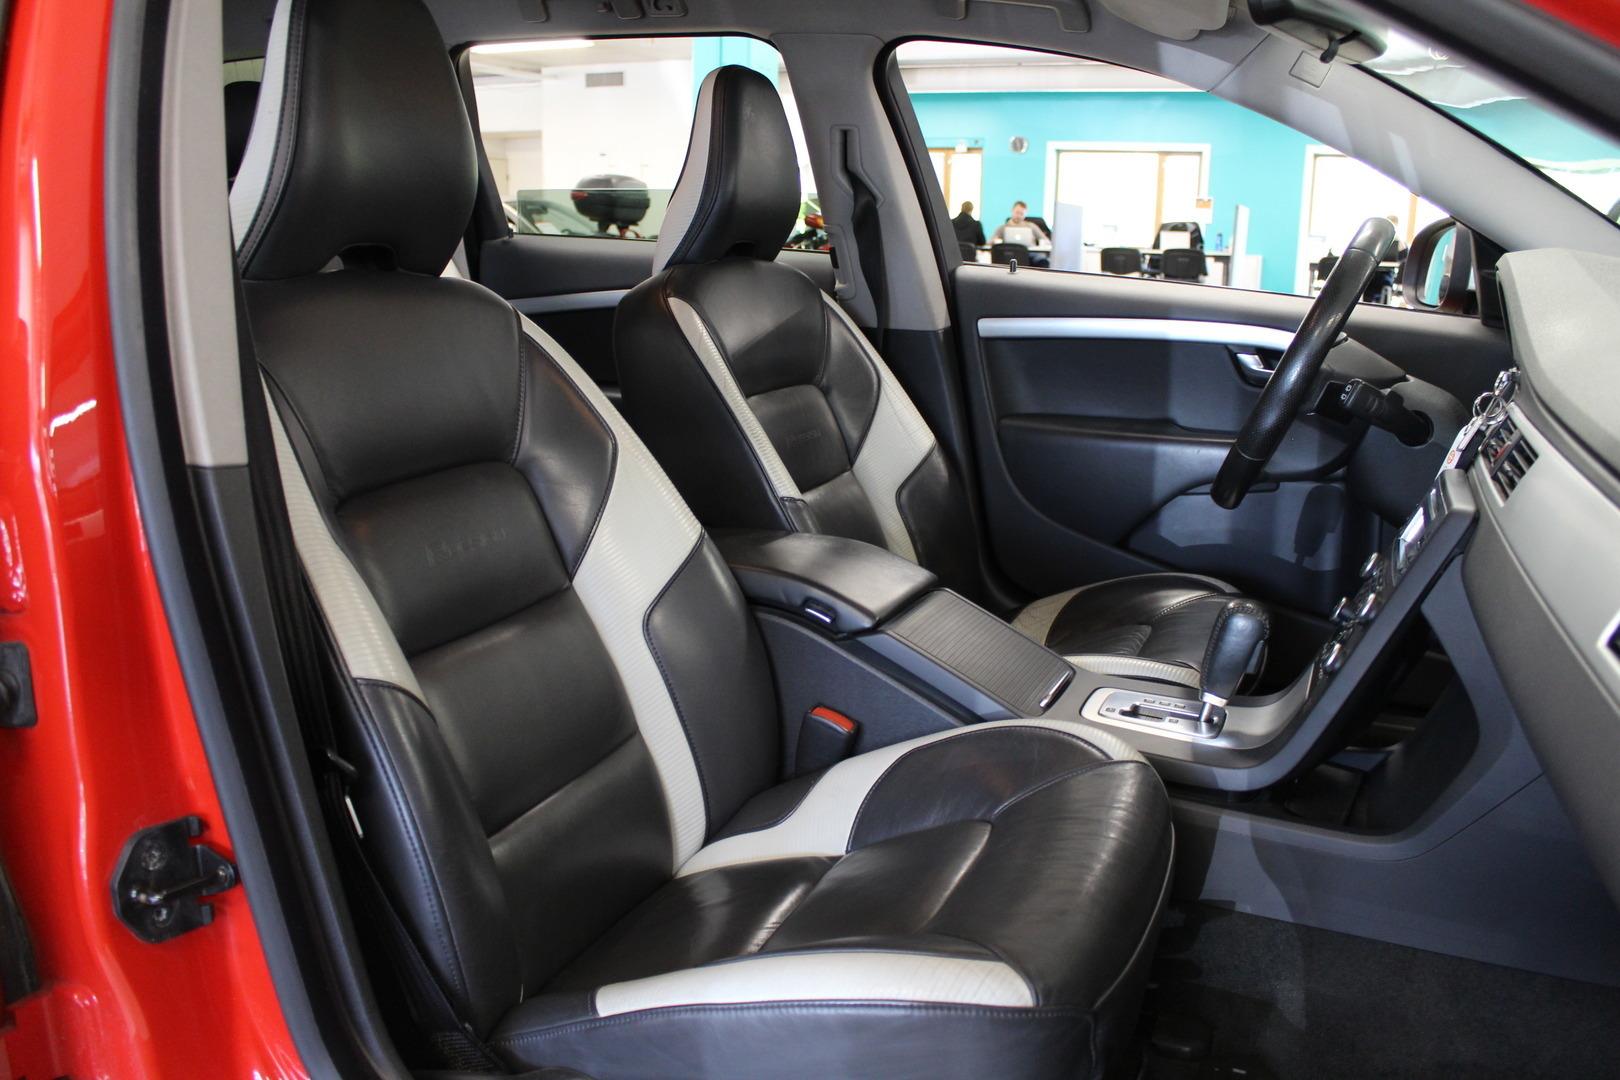 Volvo V70, 2,4D Momentum aut #R-design #Webasto #Hyvät varusteet **Juuri tullut**